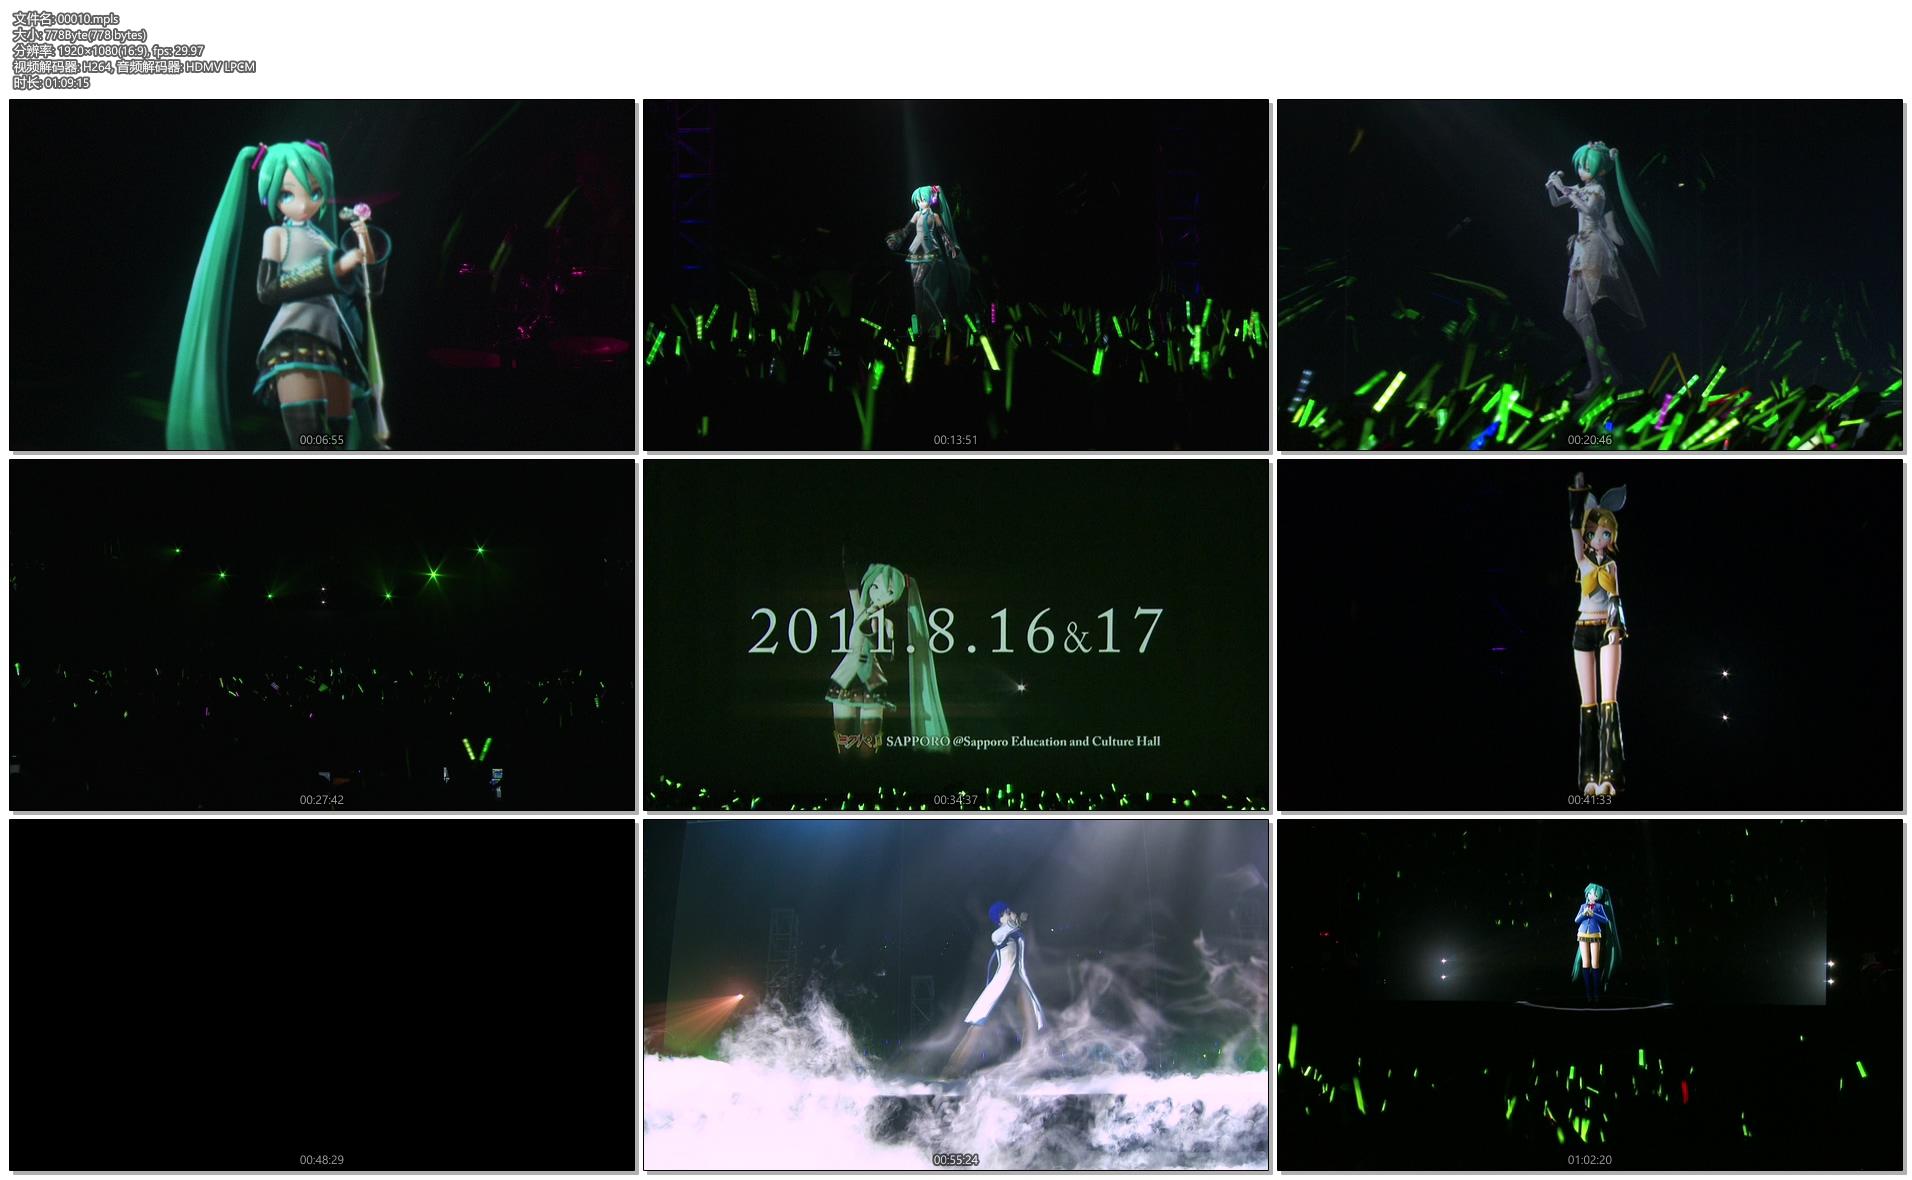 初音未来2013关西演唱会 Hatsune Miku Live Party 2013 in Kansai MIKUPA《BDMV3碟 85.9G》蓝光原盘插图(3)